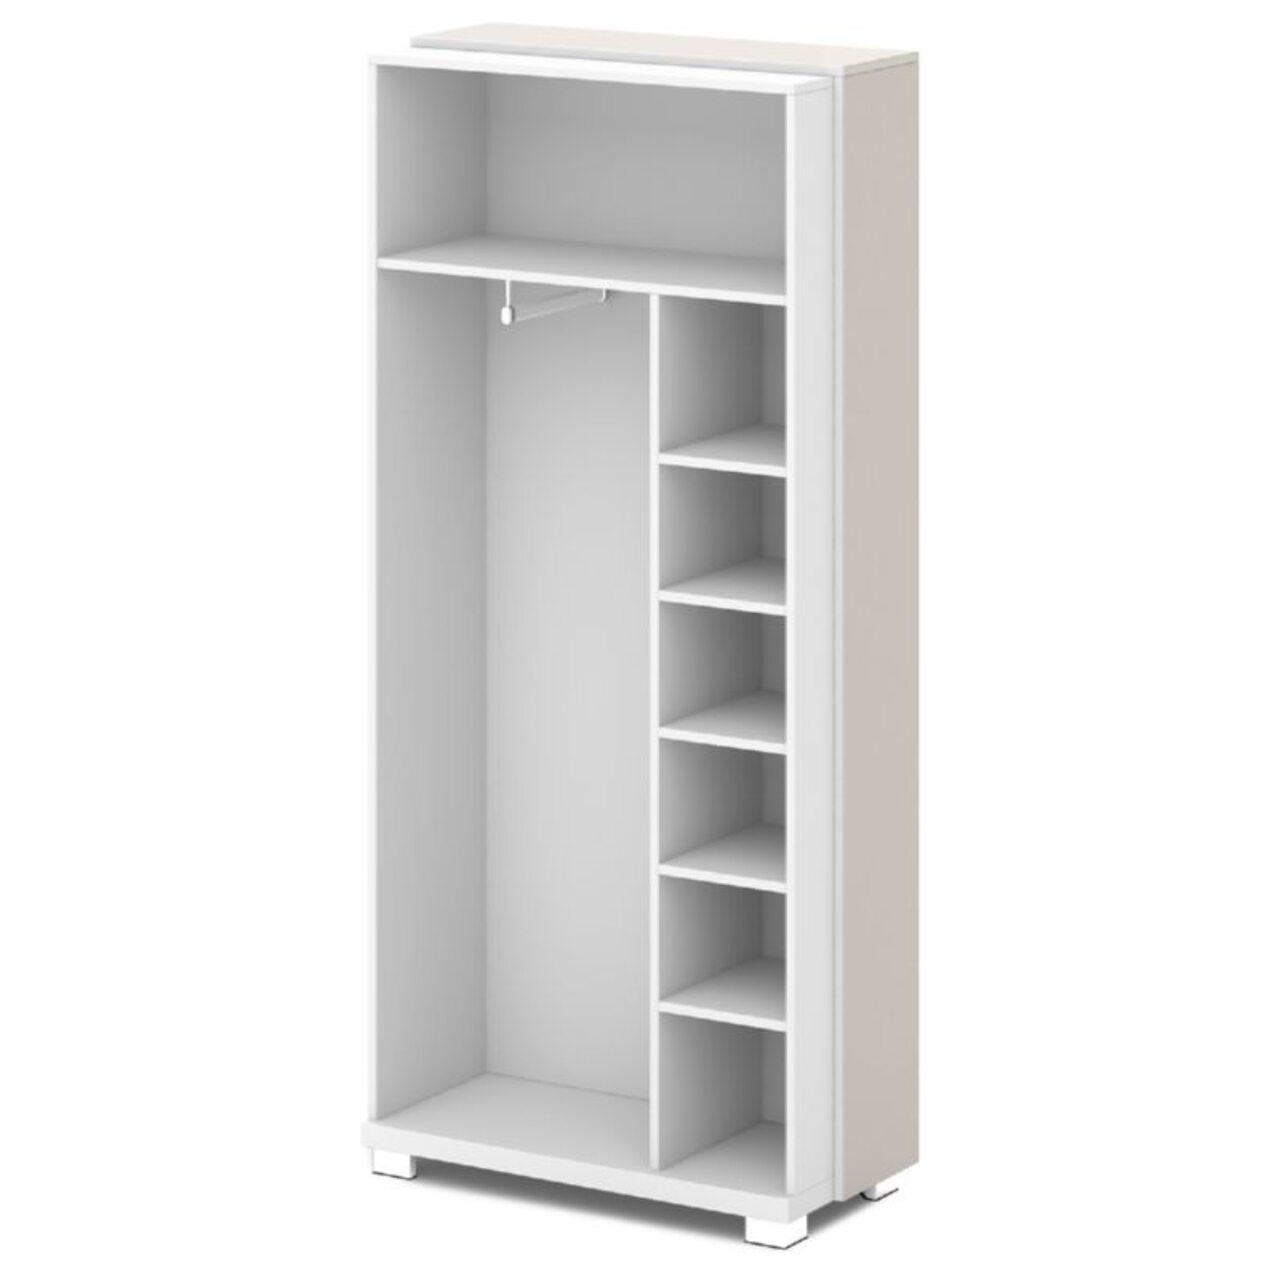 Каркас шкафа для одежды крайний - фото 7